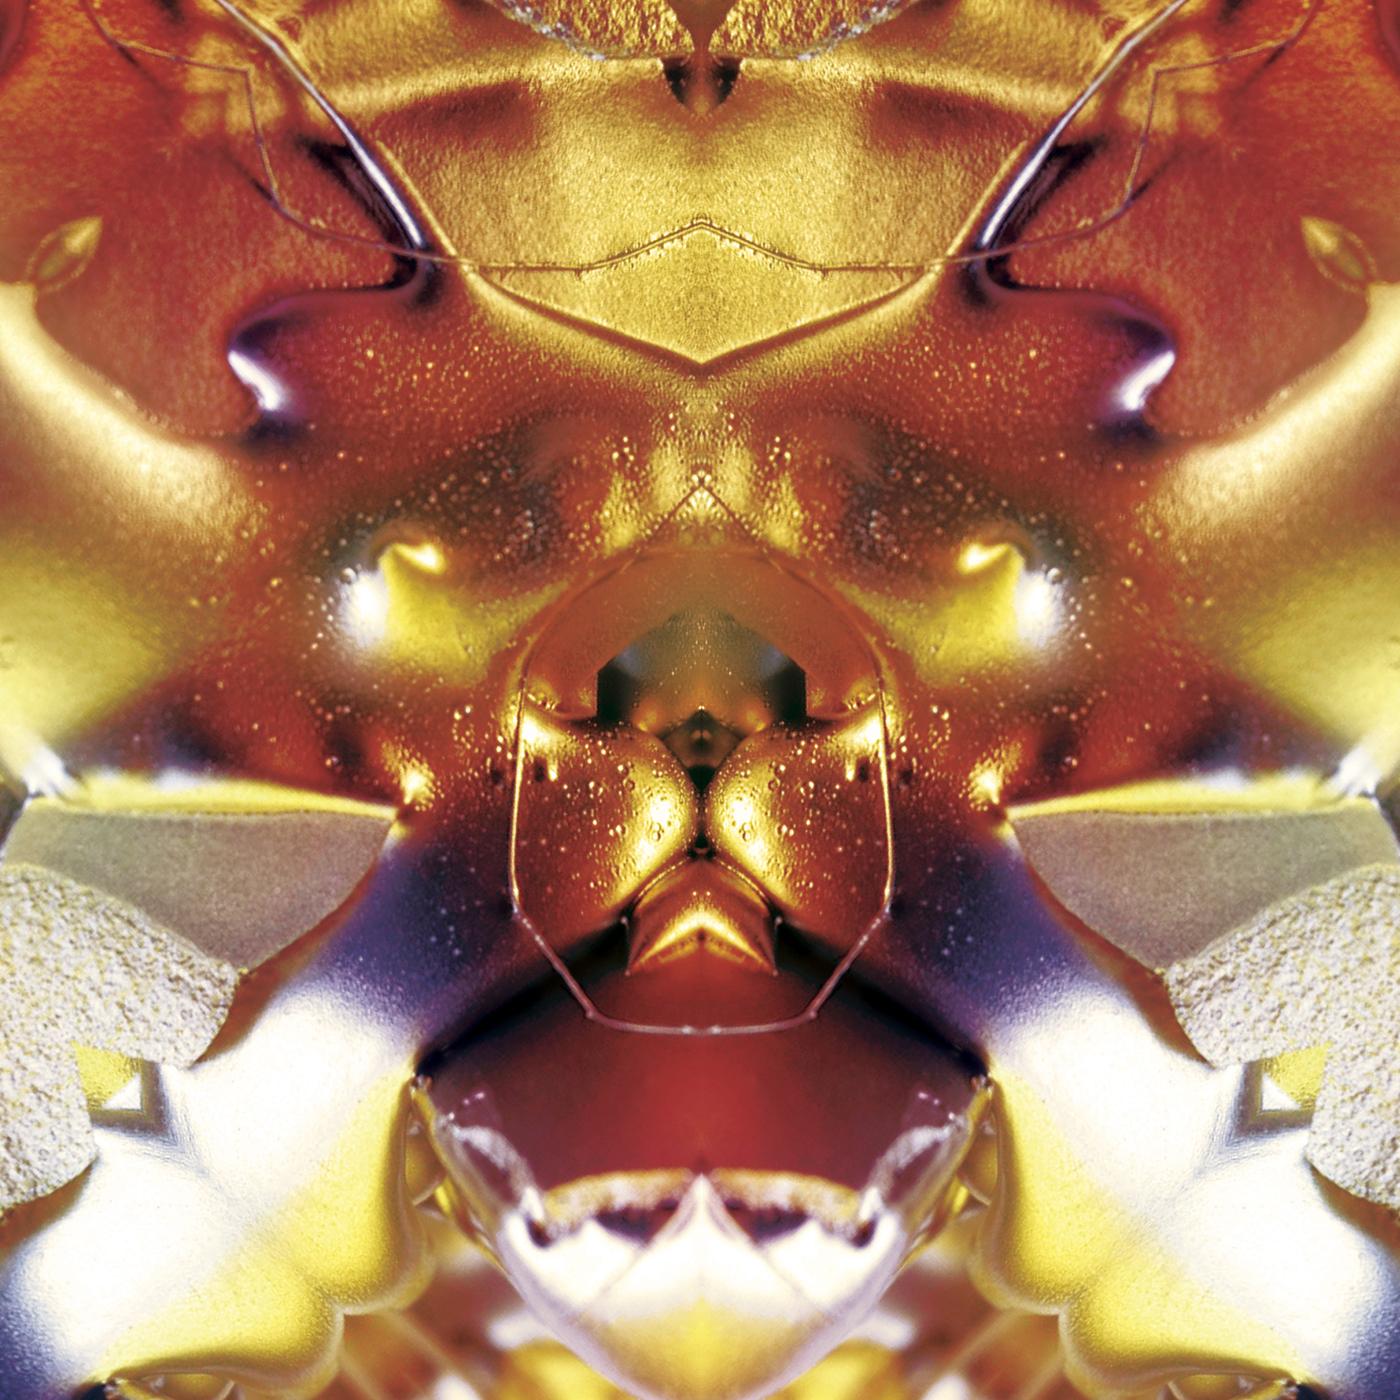 artworks-000077461896-emjou1-original.jp